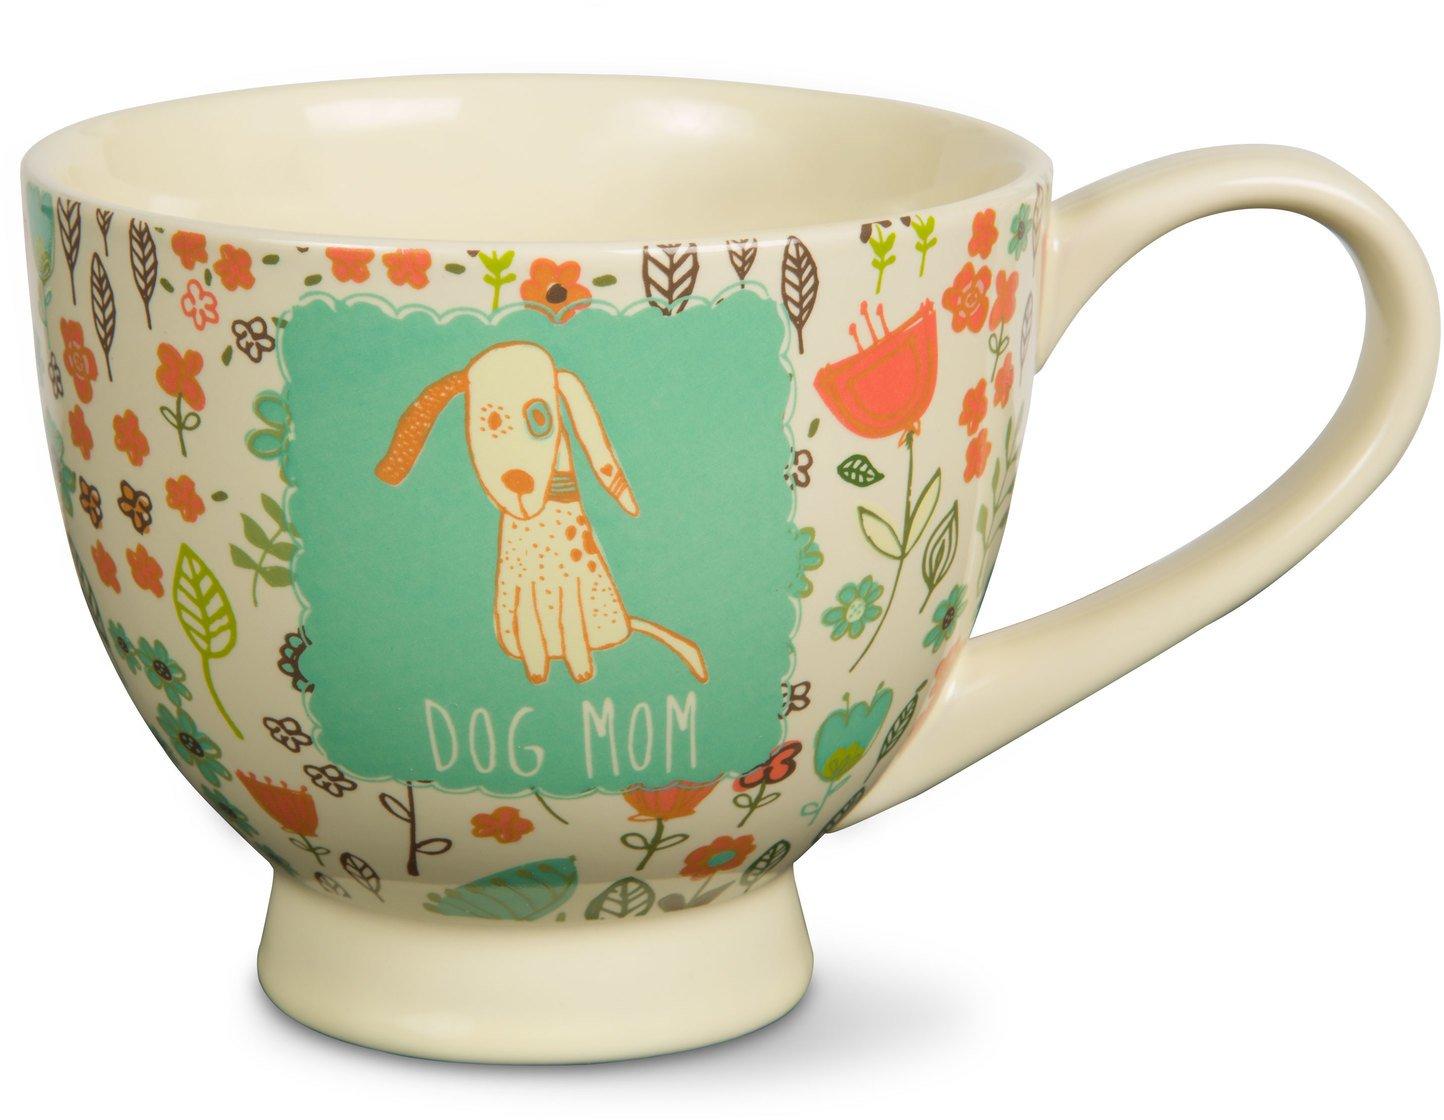 Pavilion Gift Company 54006 ''A Mother's Love-Dog Mom'' Floral Soup Bowl Mug, Teal, 17 oz